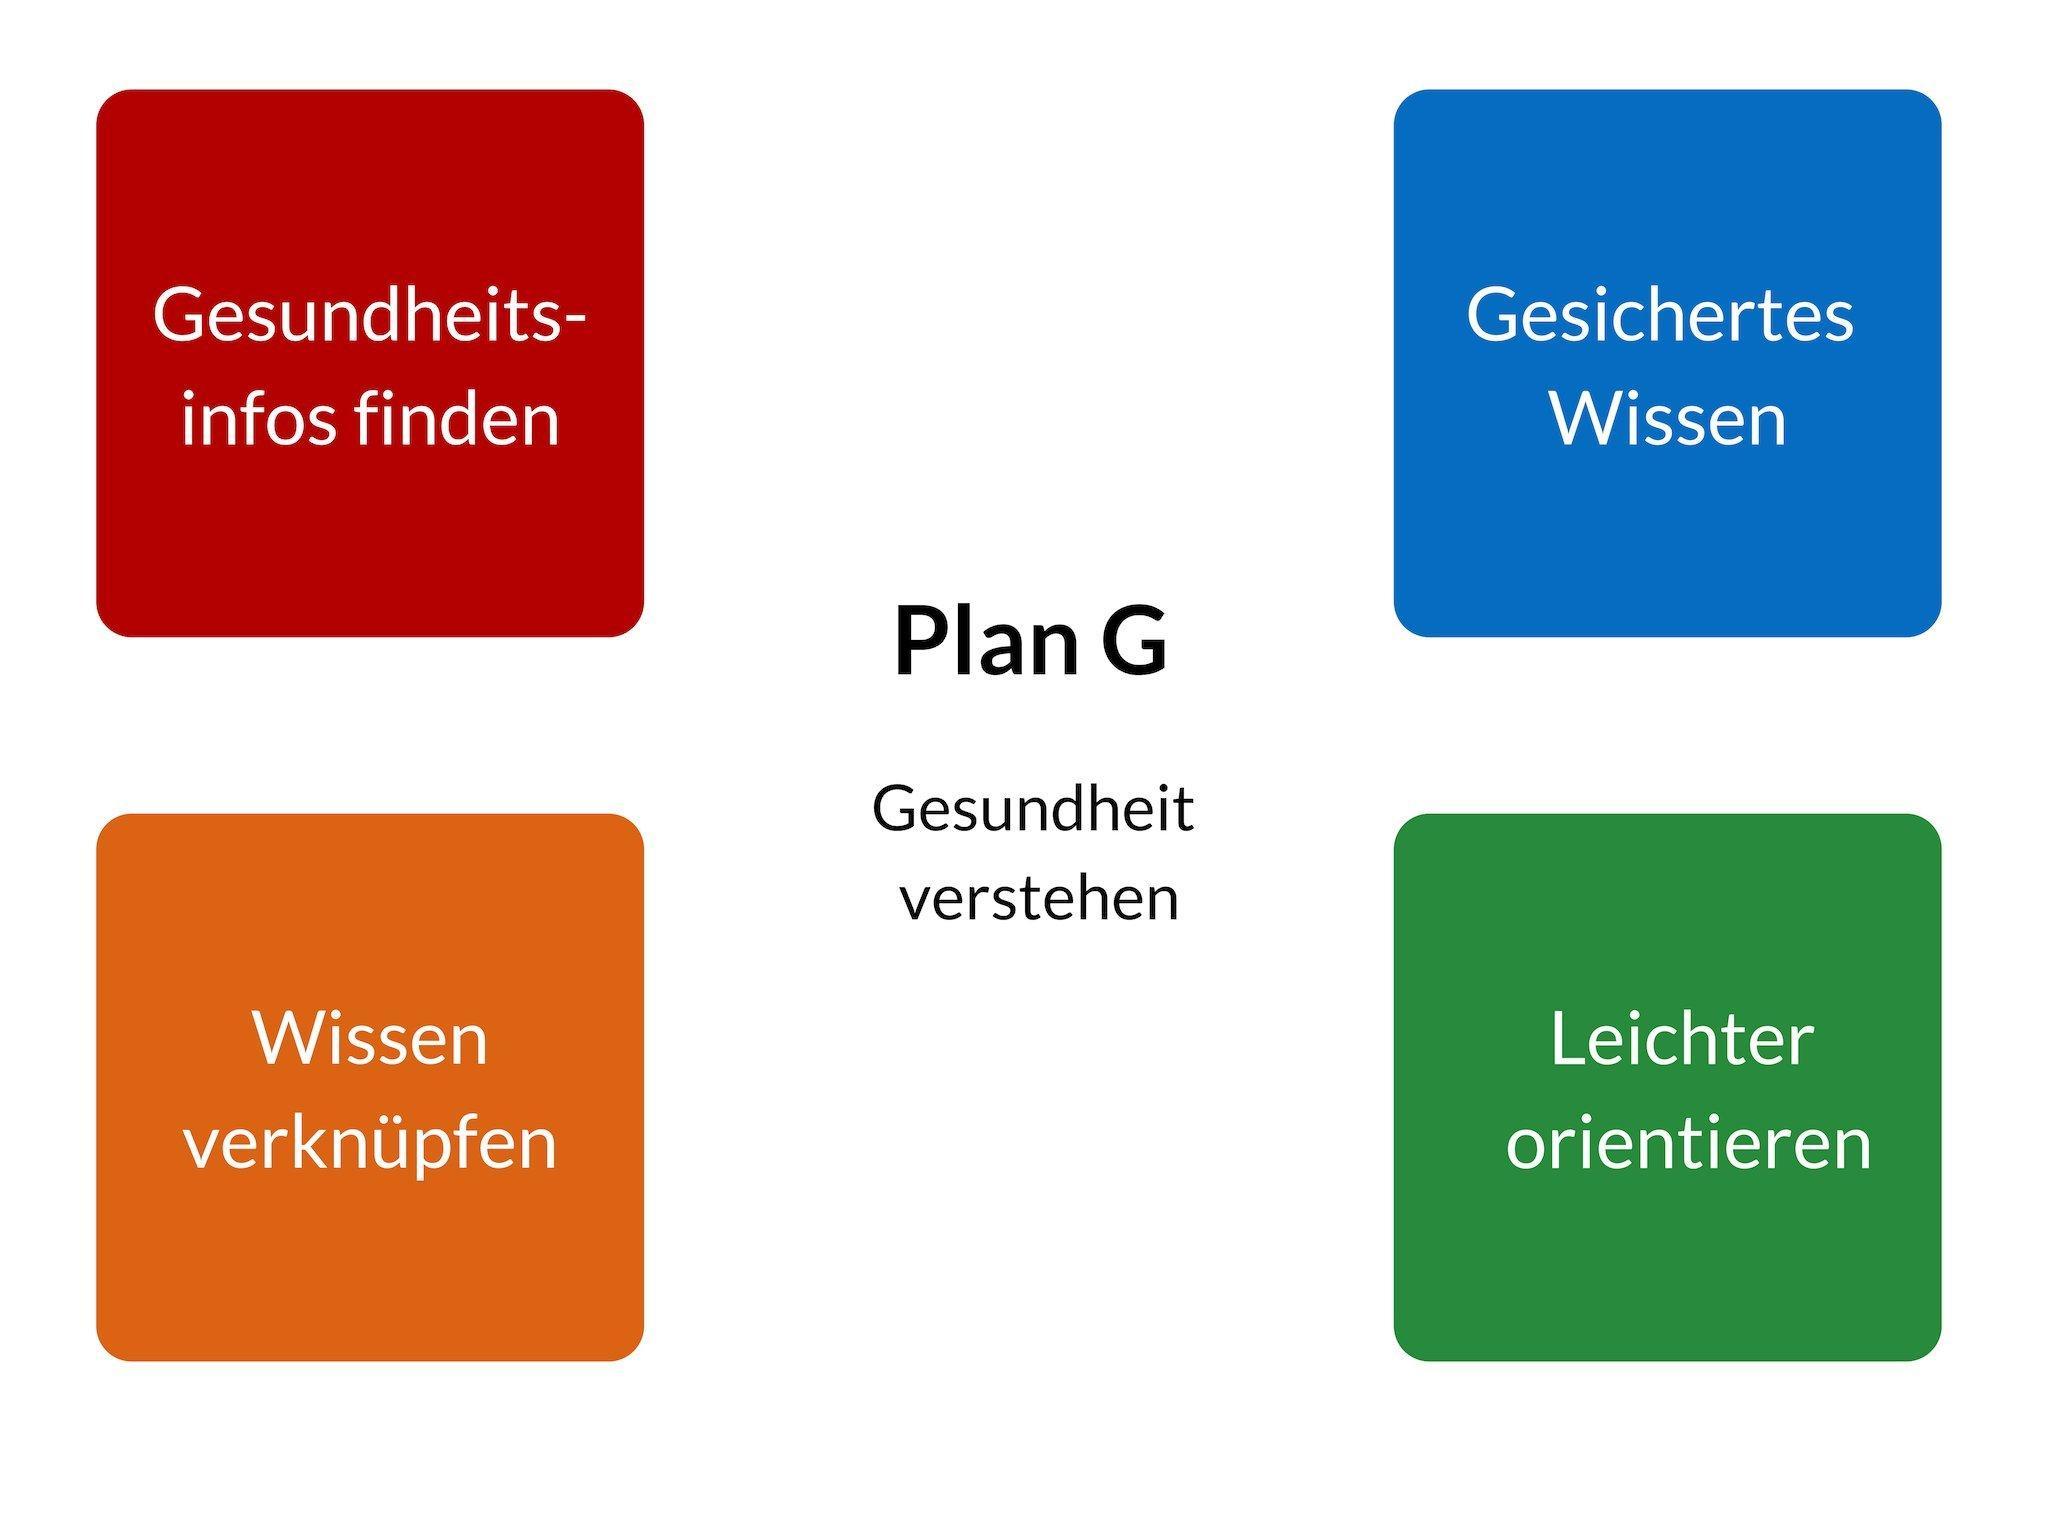 Überblick der 4Bereiche im Onlinemagazin Plan G – Gesundheit verstehen, Farbleitsystem: Gesundheitsinfos finden (rot), Gesichertes Wissen (blau), Wissen verknüpfen (orange), Leichter orientieren (grün)